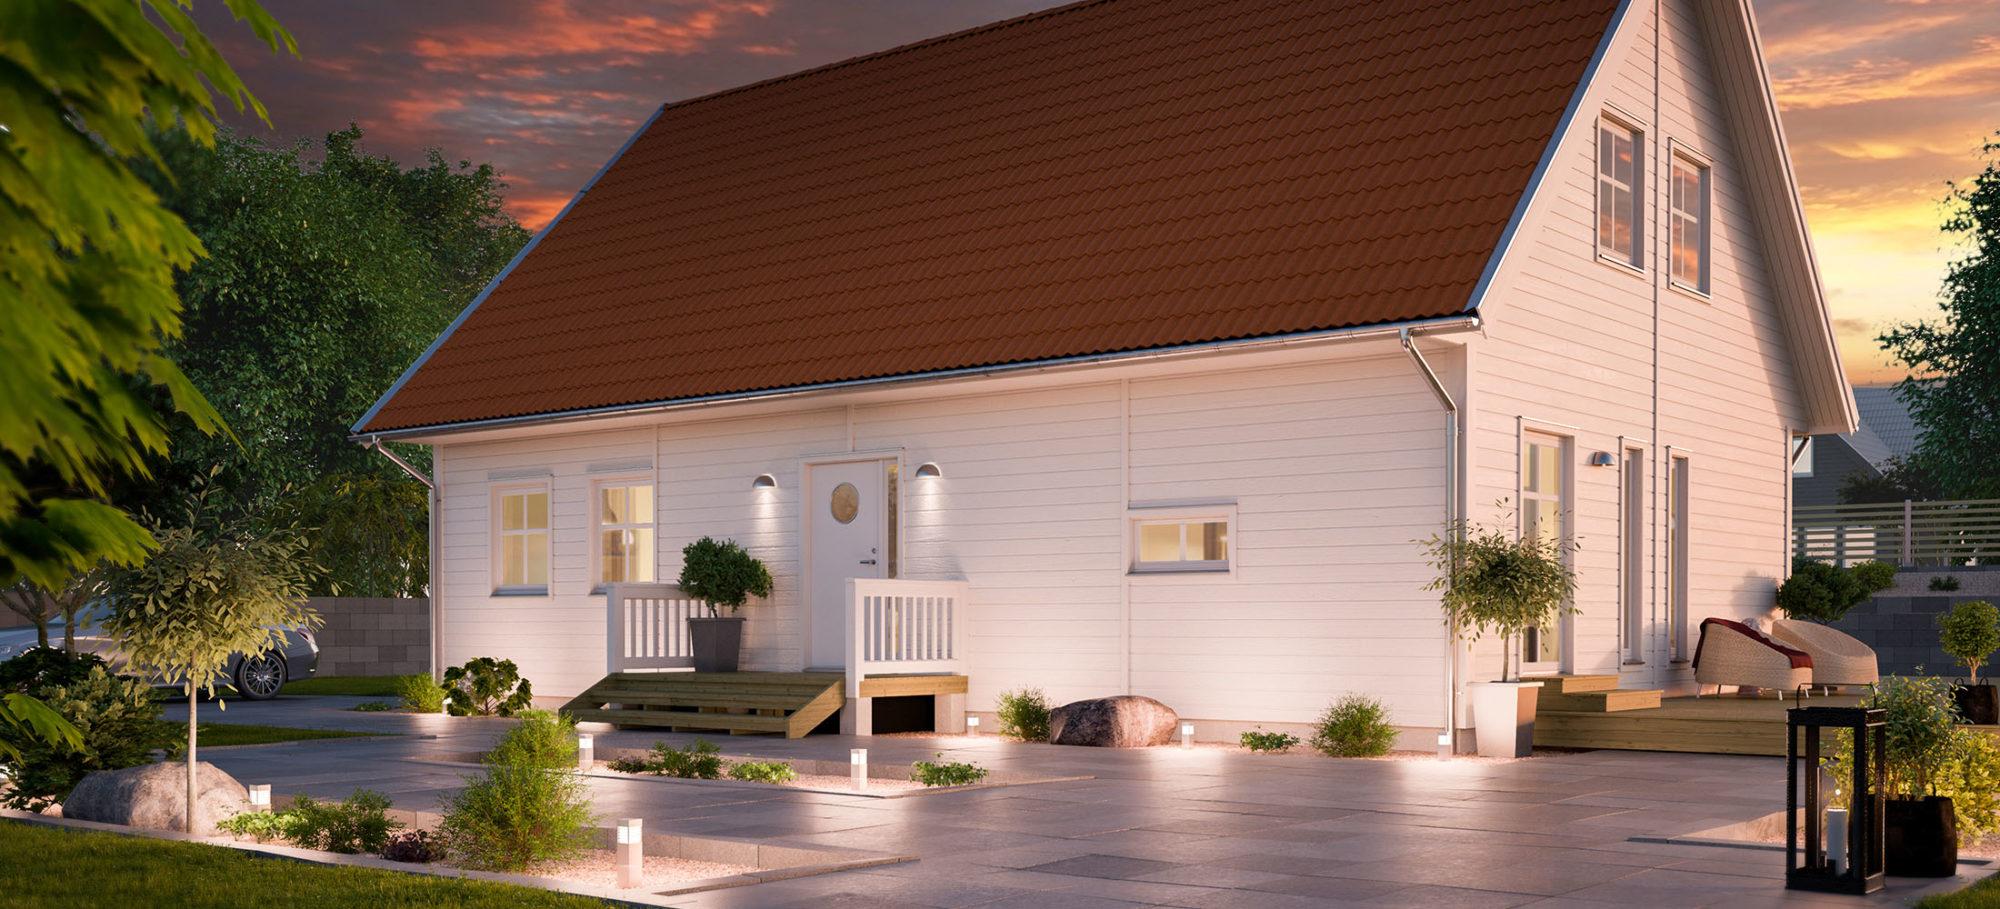 1,5-planshus i skymning. Vit liggande faspanel och rött tak.